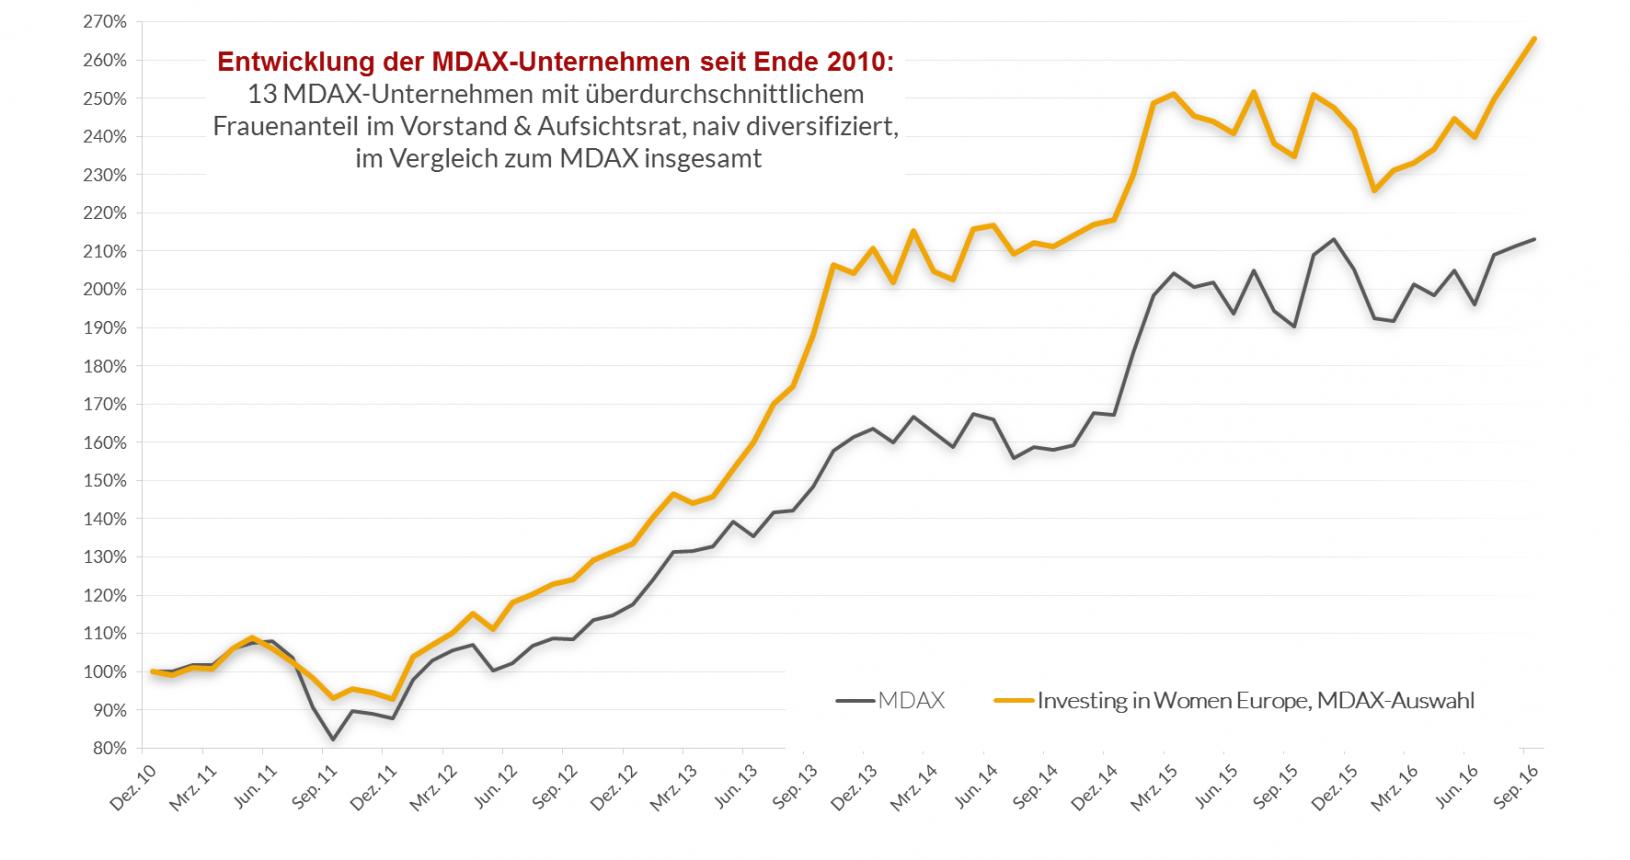 mdax-portfolio-dt-9-16